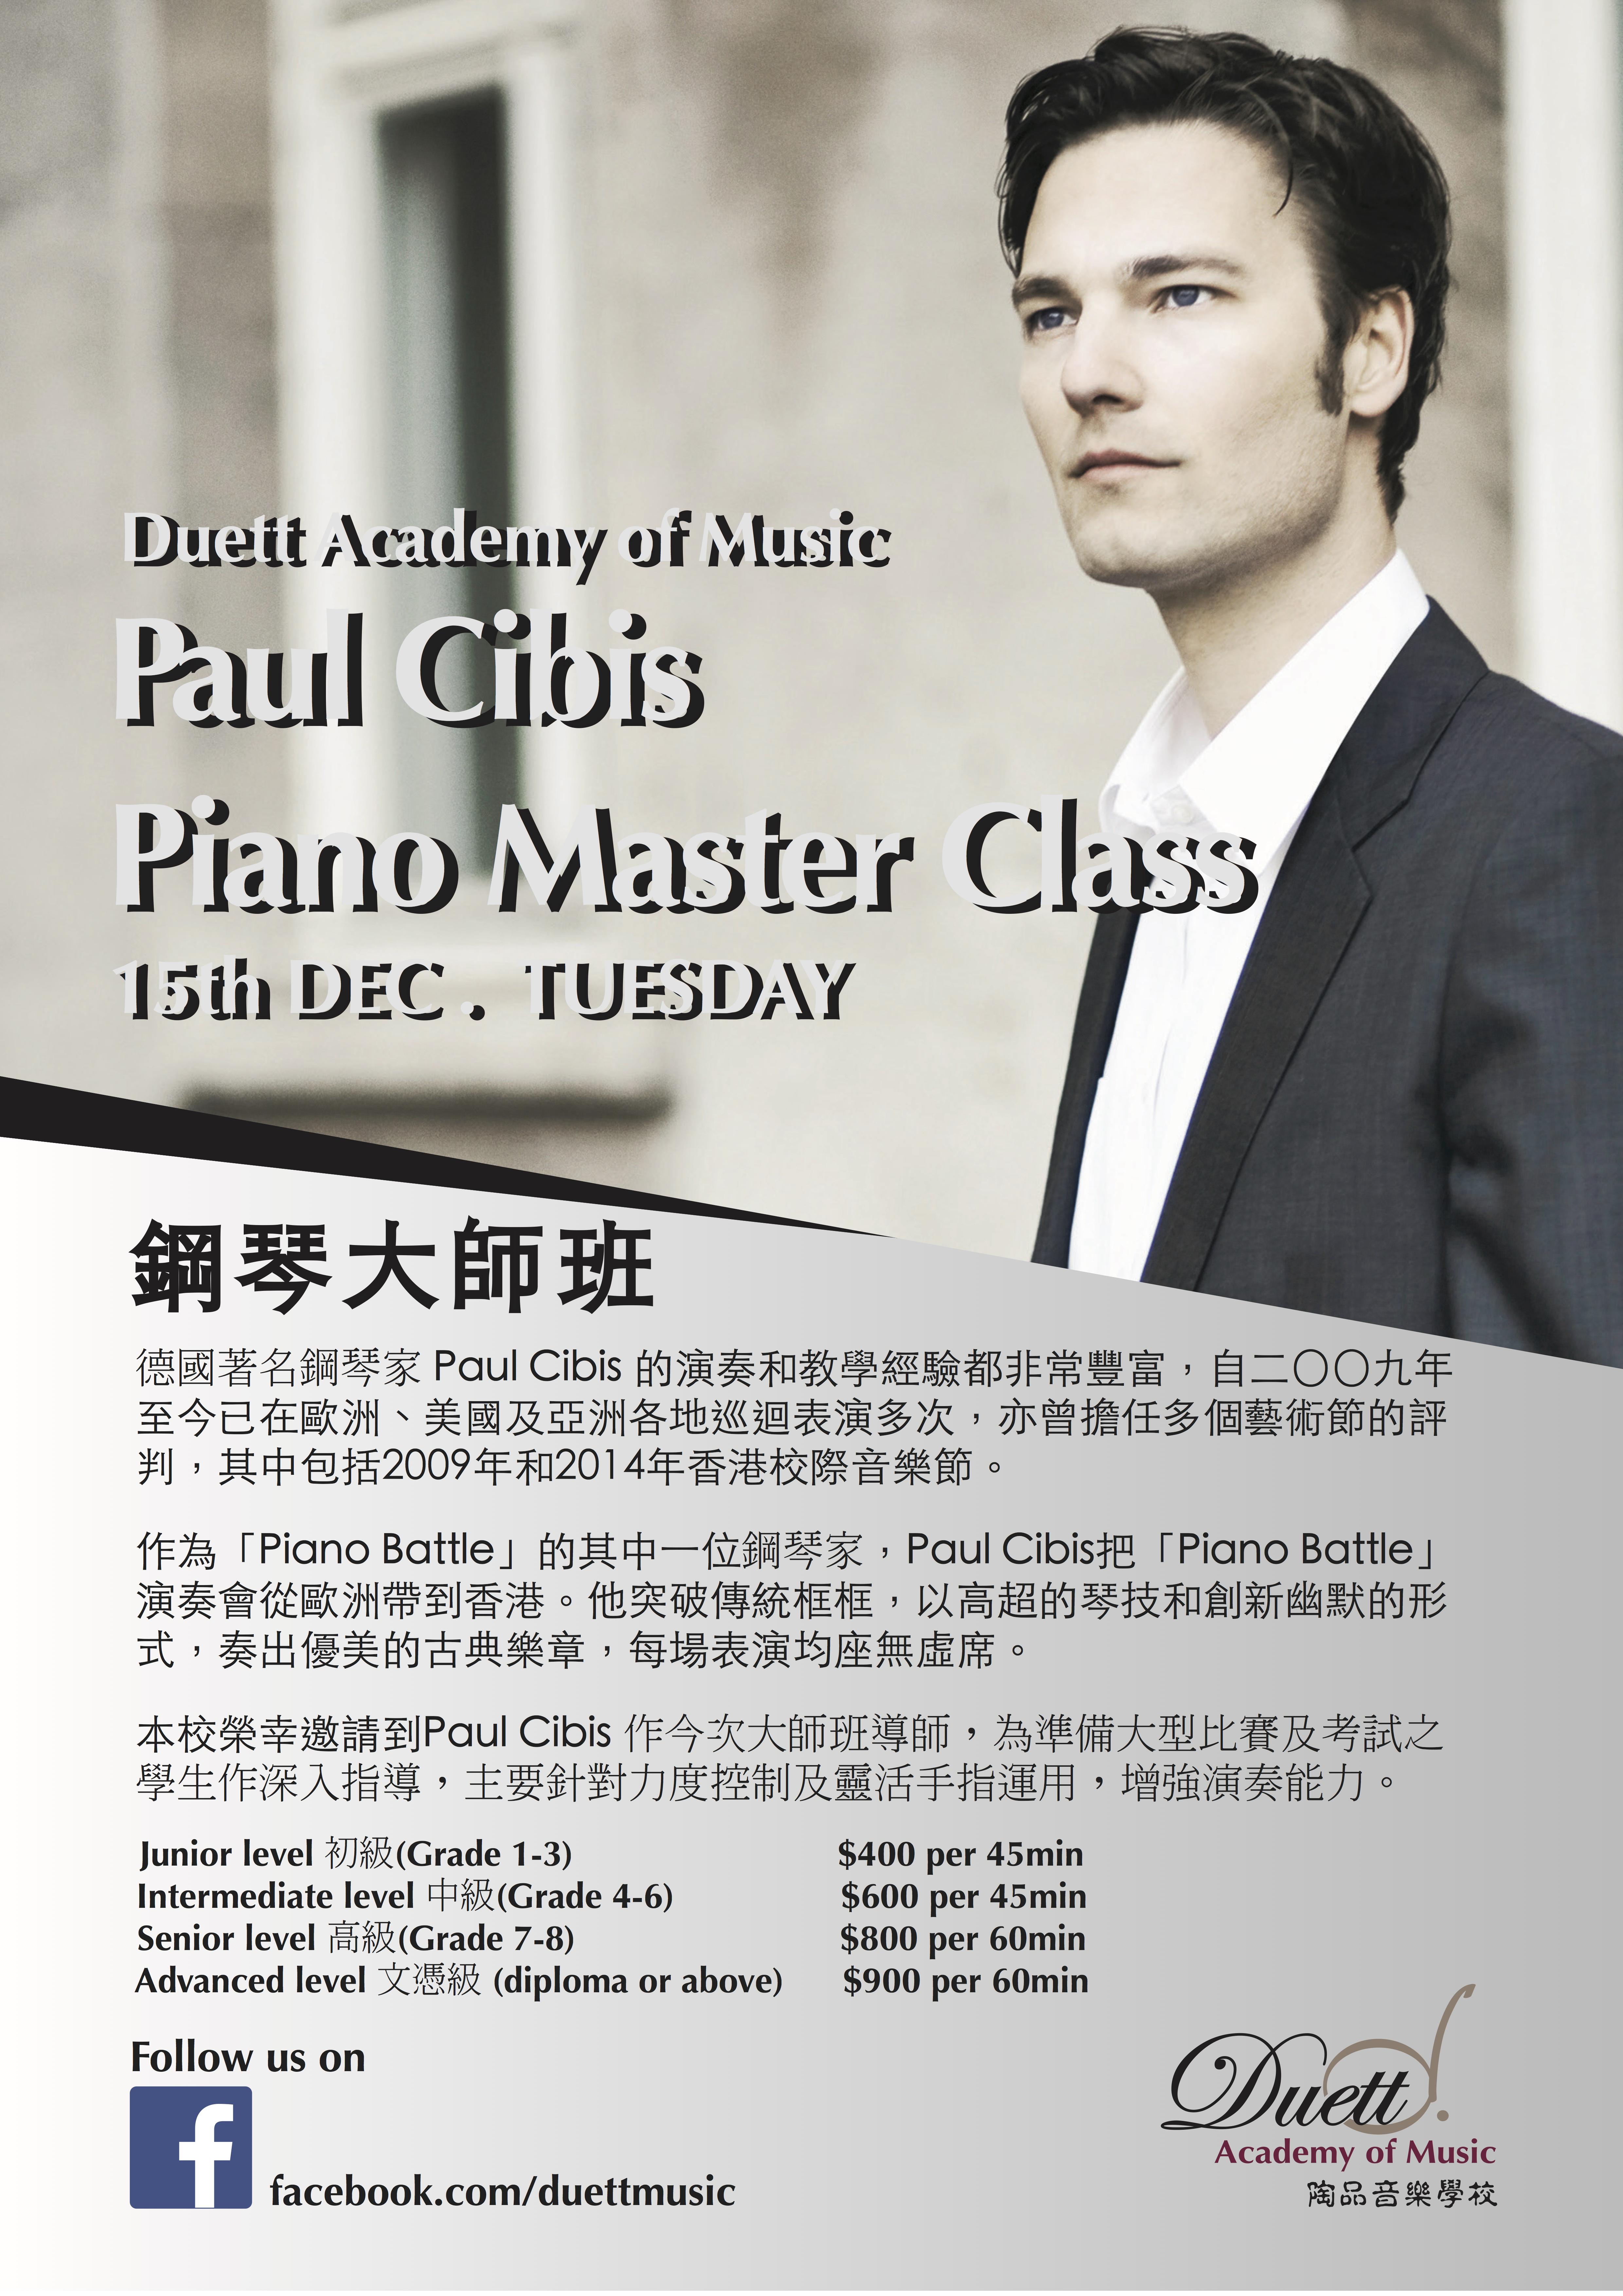 Paul Cibis 鋼琴大師班